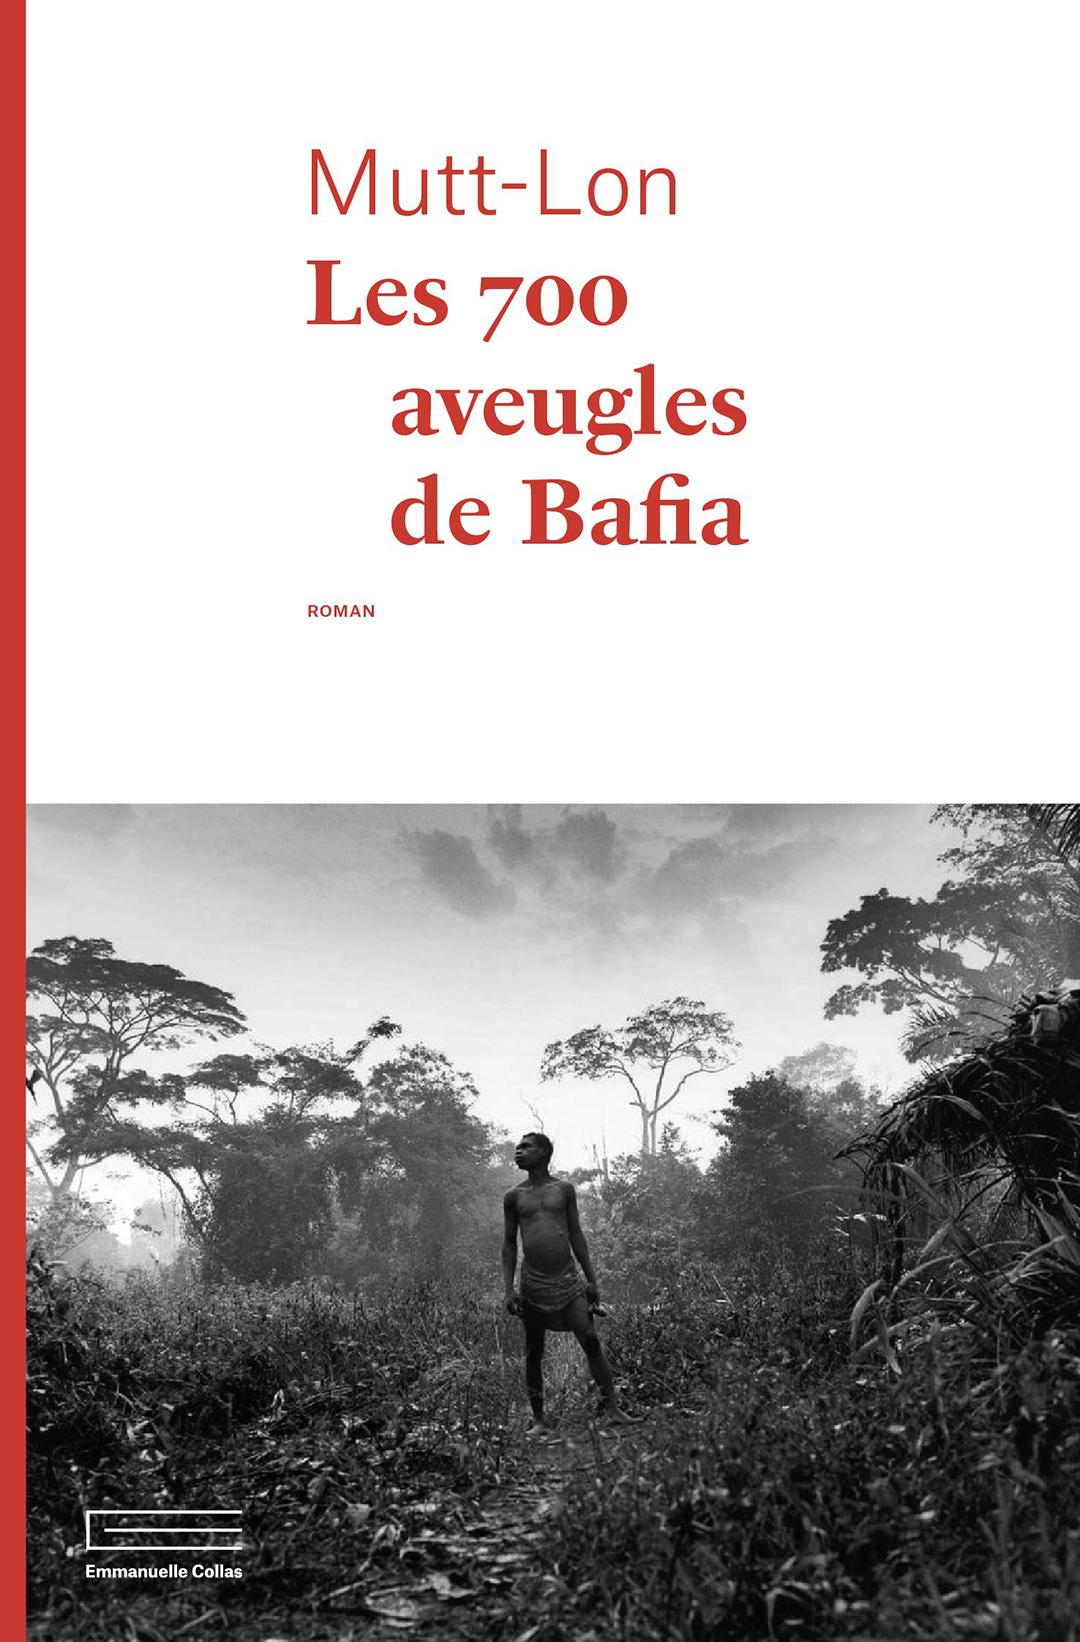 «Les 700 aveugles de Bafia» de Mutt-Lon, éditions Emmanuelle Colas, 266 pages, 16 euros.